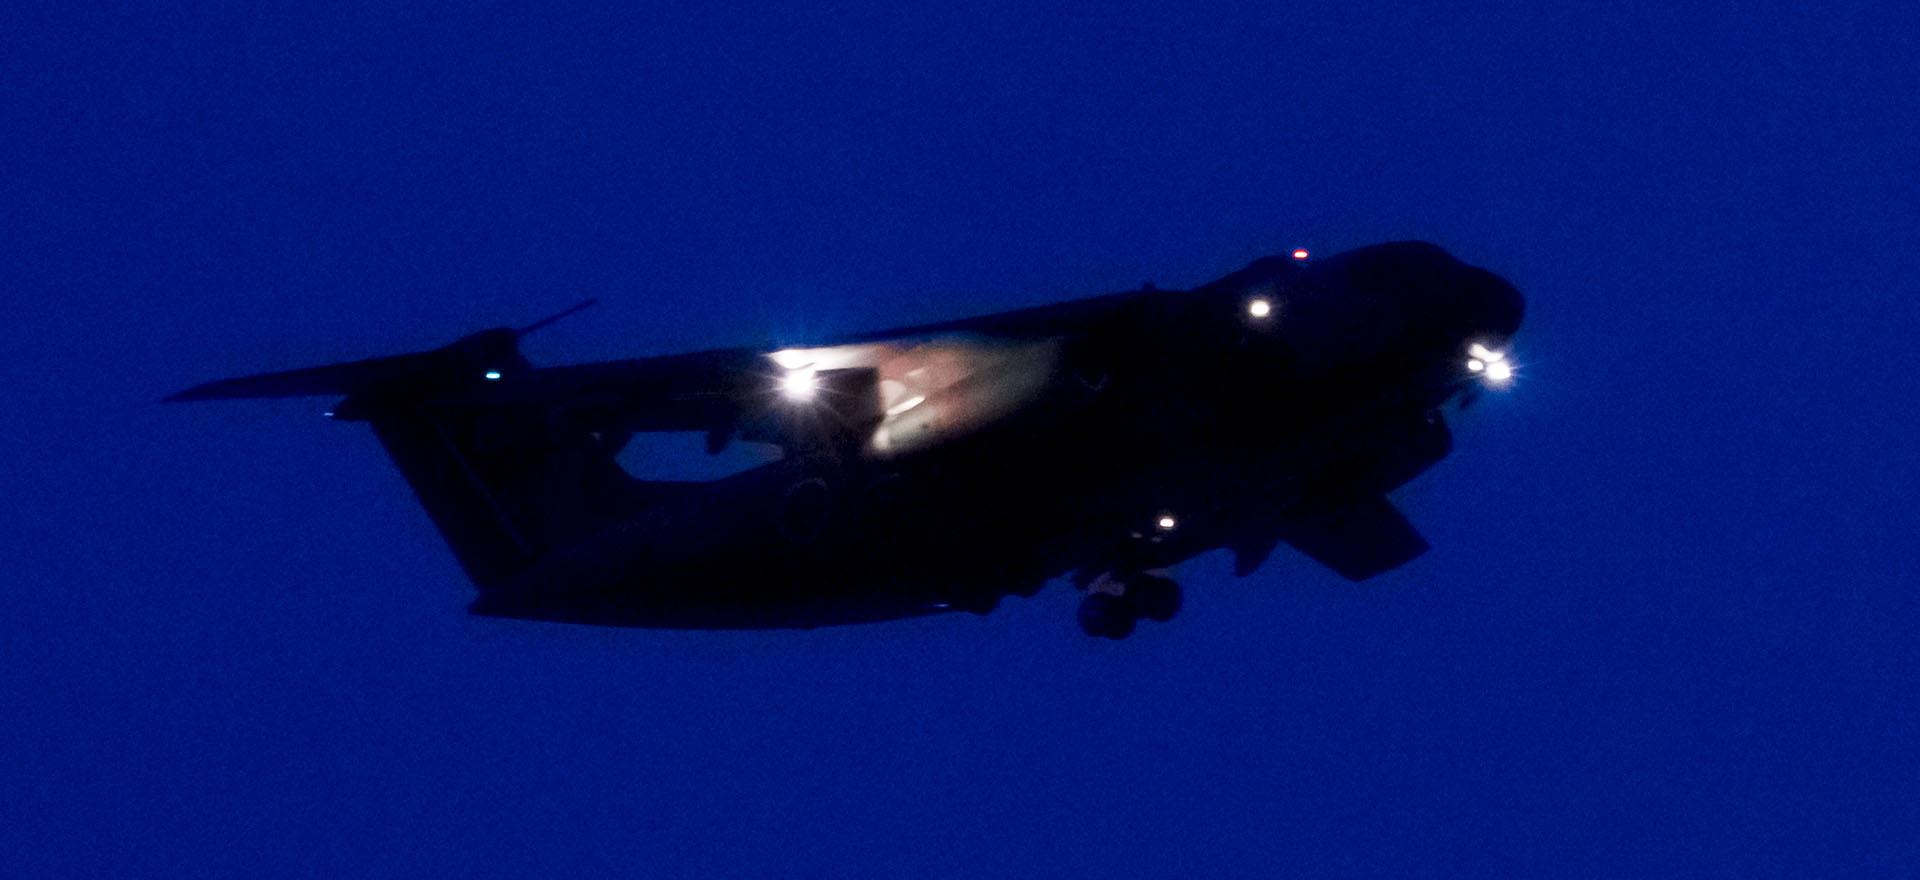 日没後の夜間飛行訓練を試し撮り